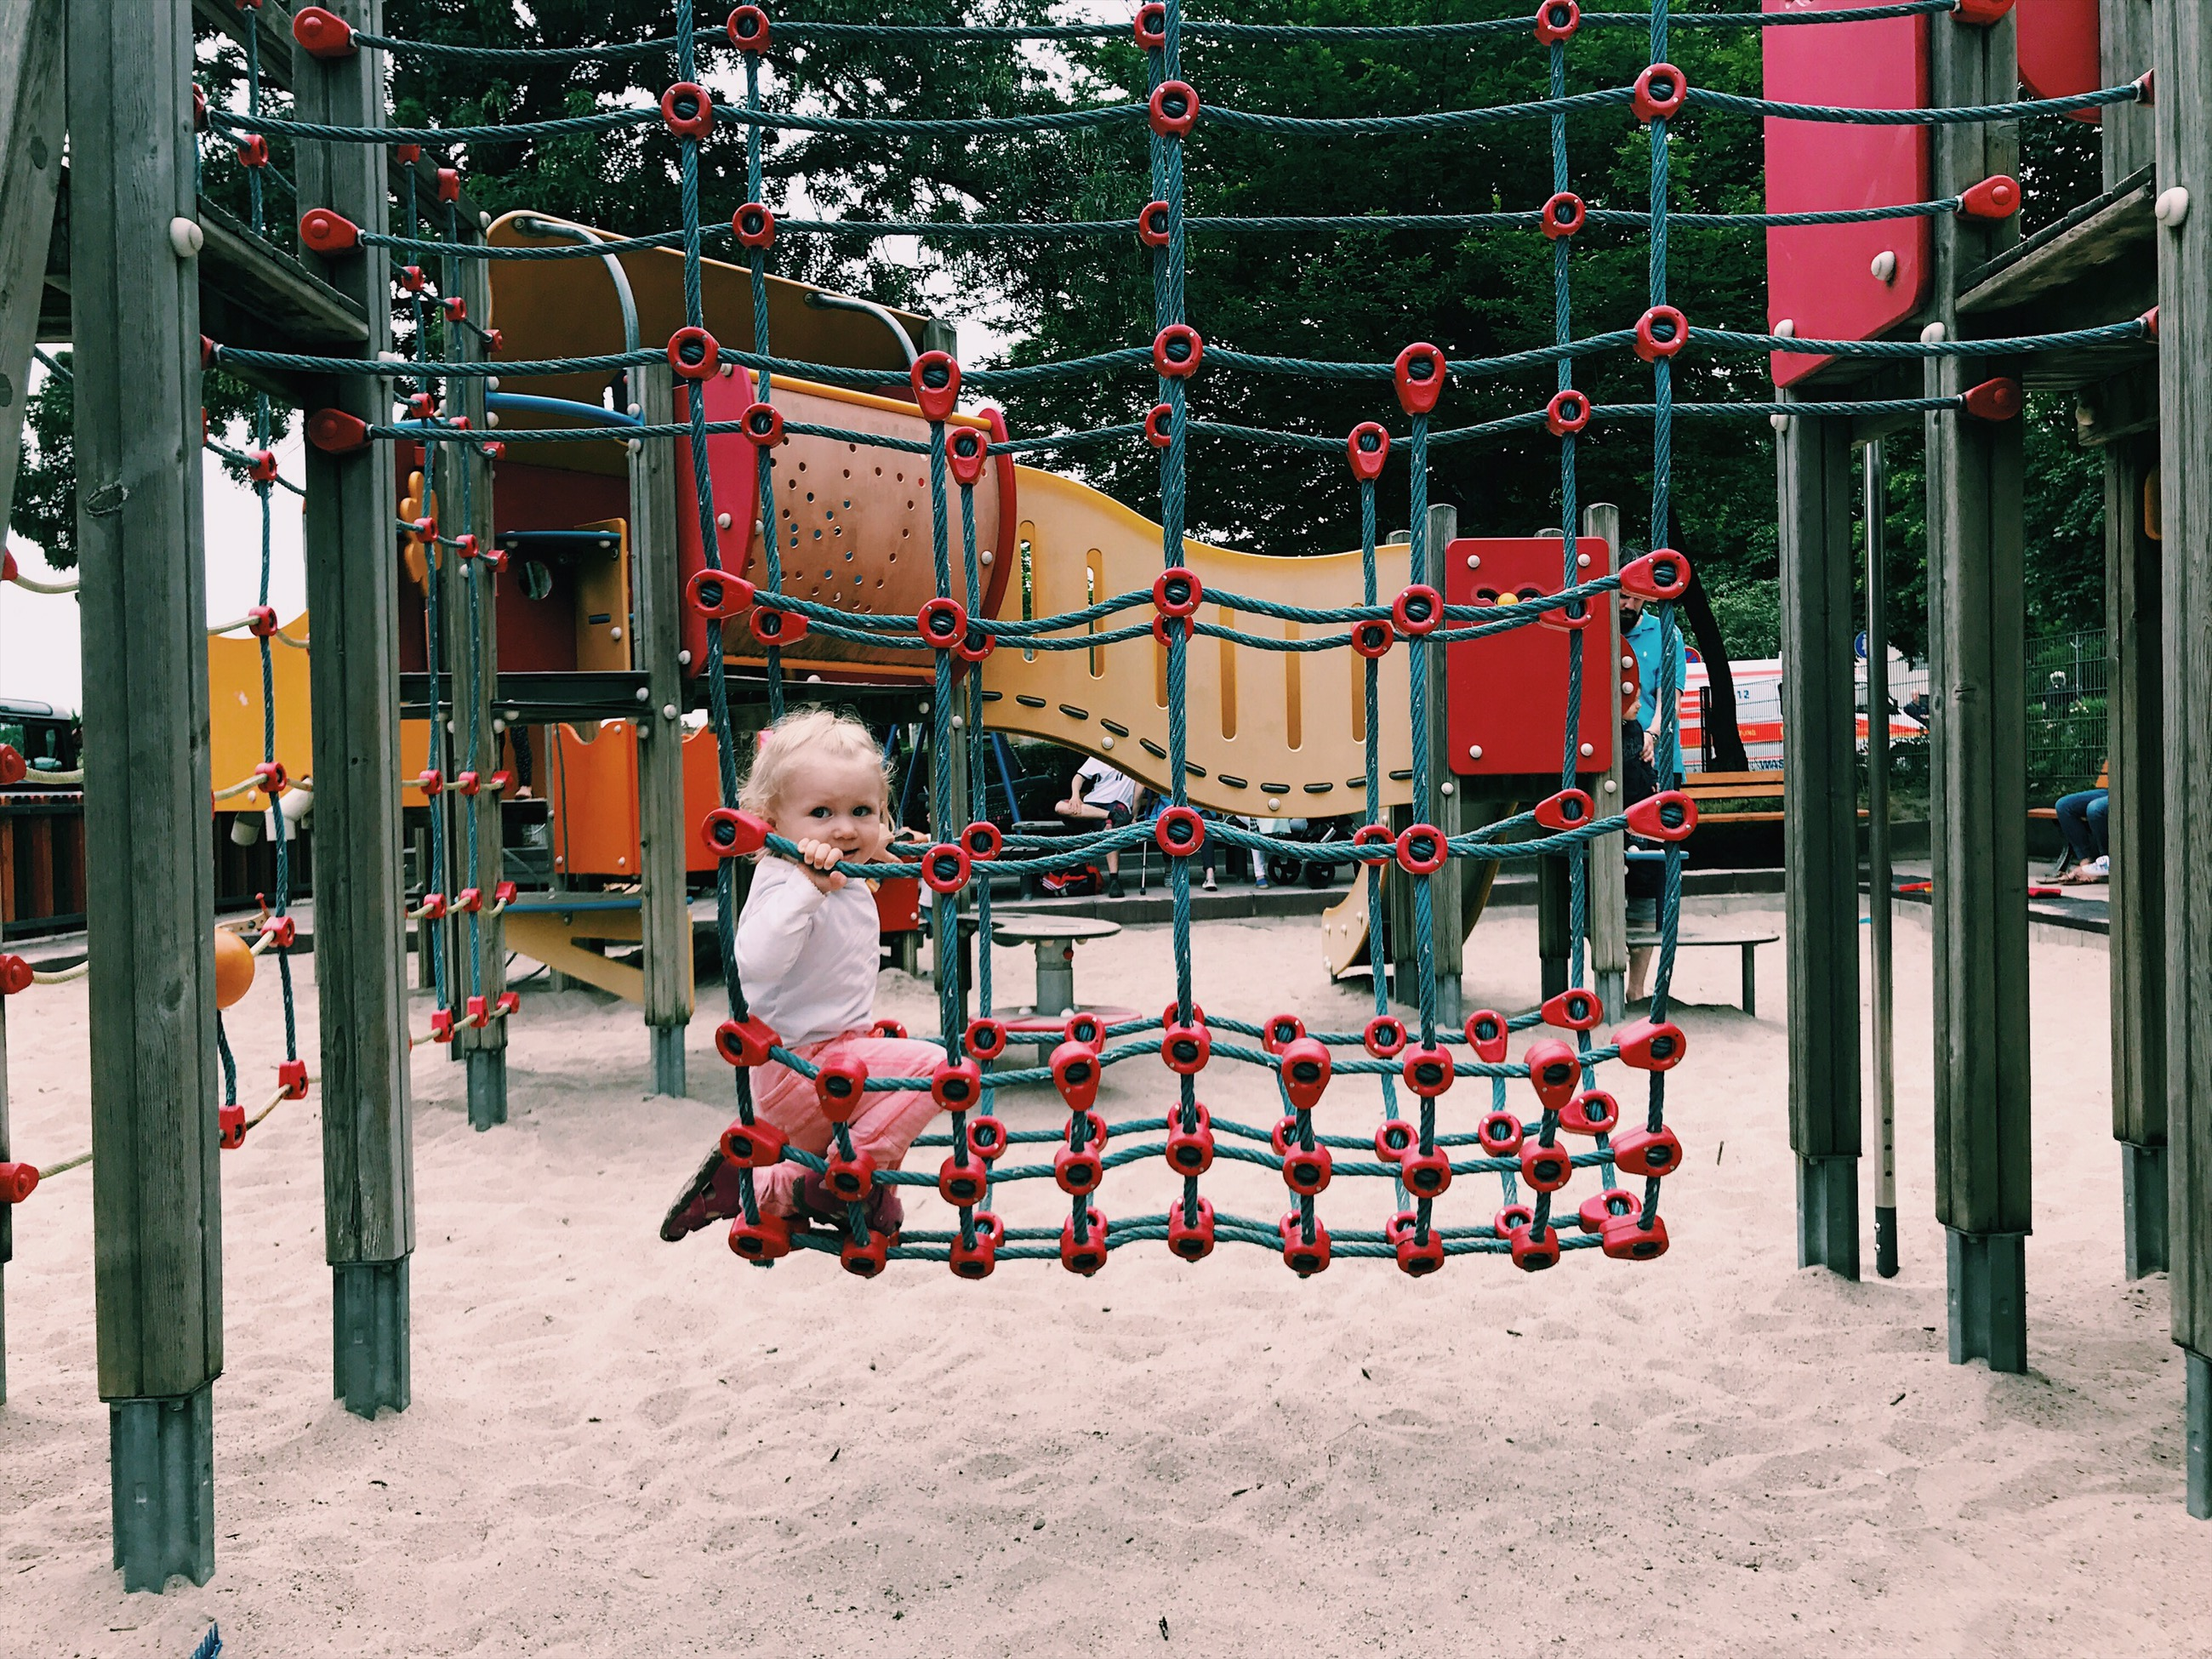 spielplatz heidelberg